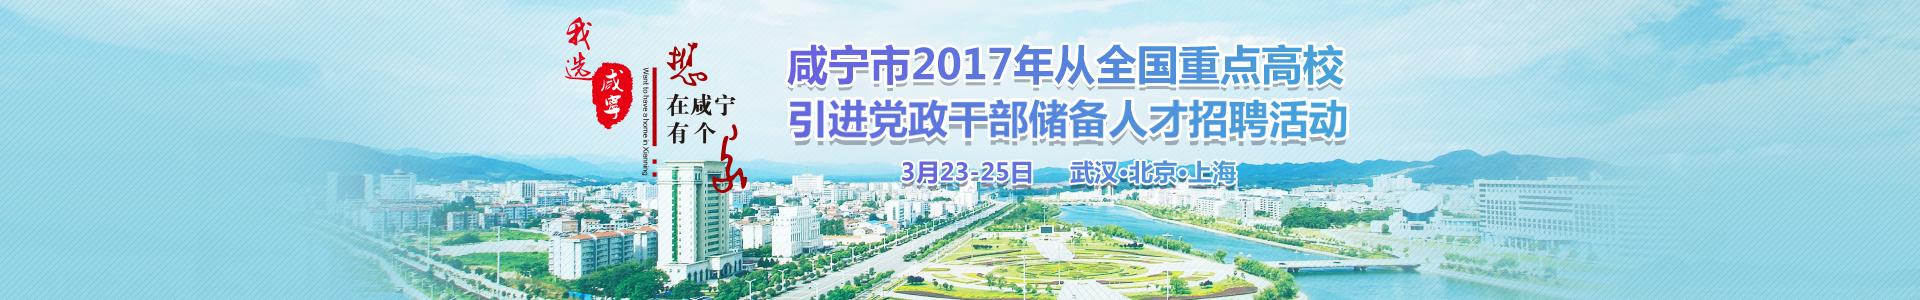 咸宁市2017年从全国重点高校引进党政干部储备人才招聘活动